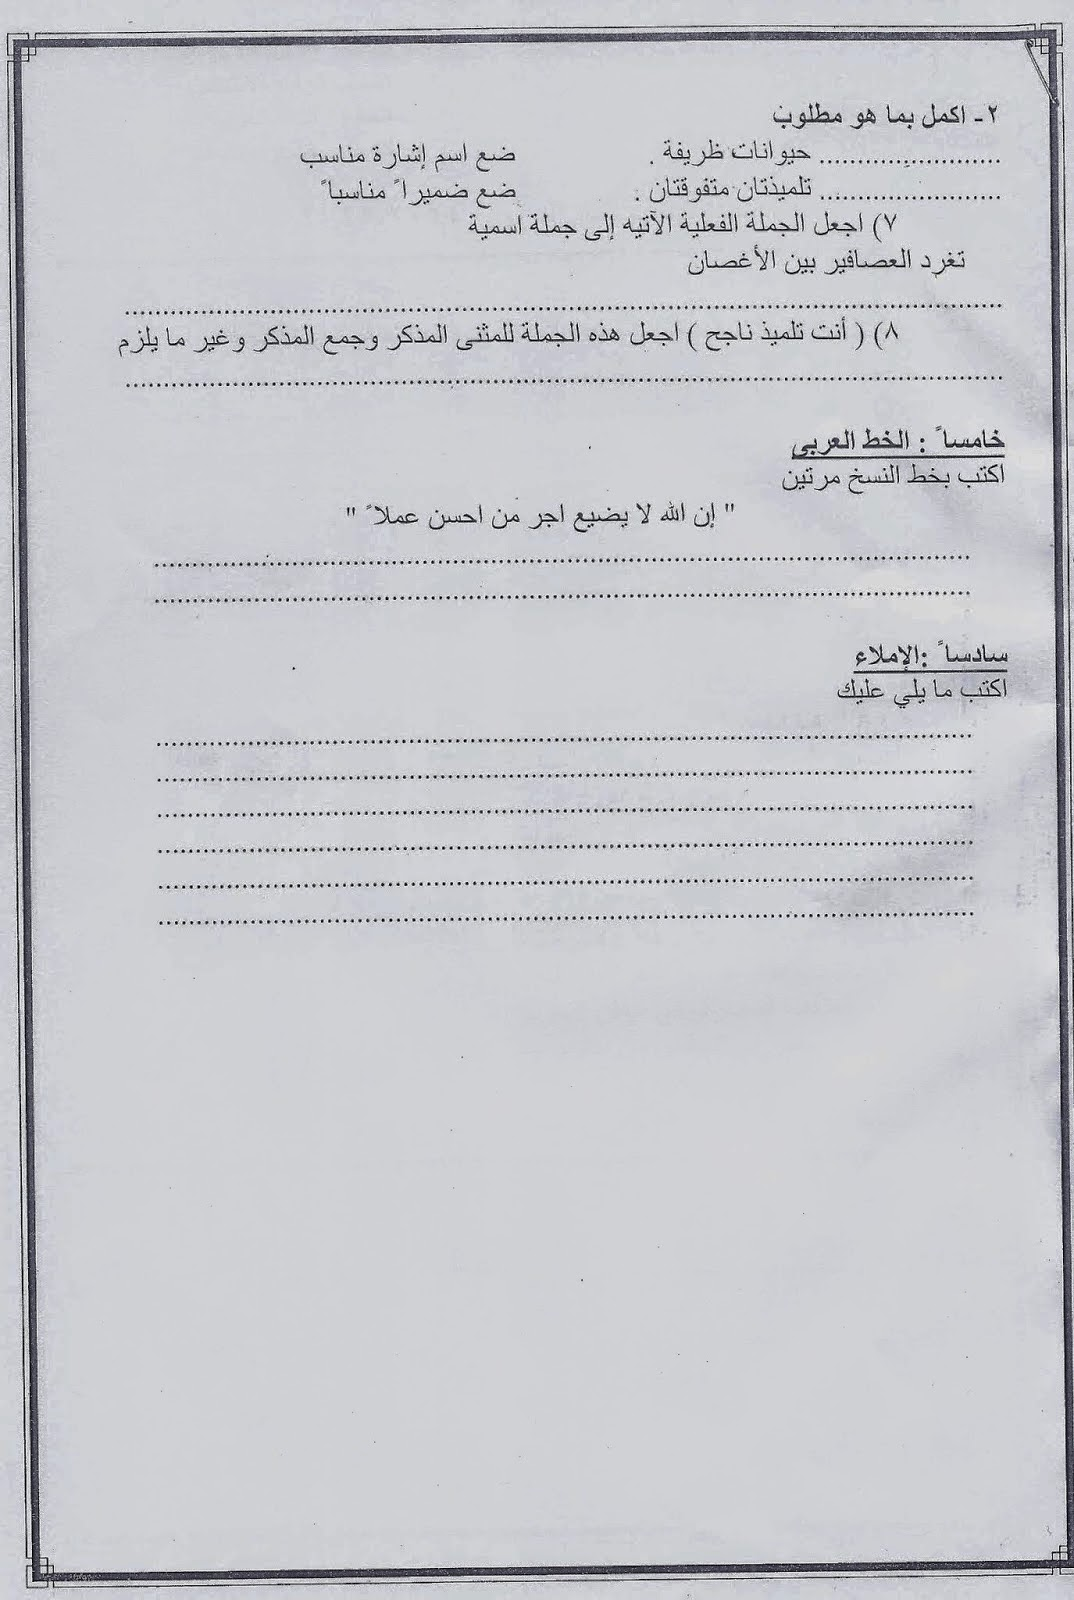 امتحانات كل مواد الصف الرابع الابتدائي الترم الأول 2015 مدارس مصر حكومى و لغات scan0086.jpg